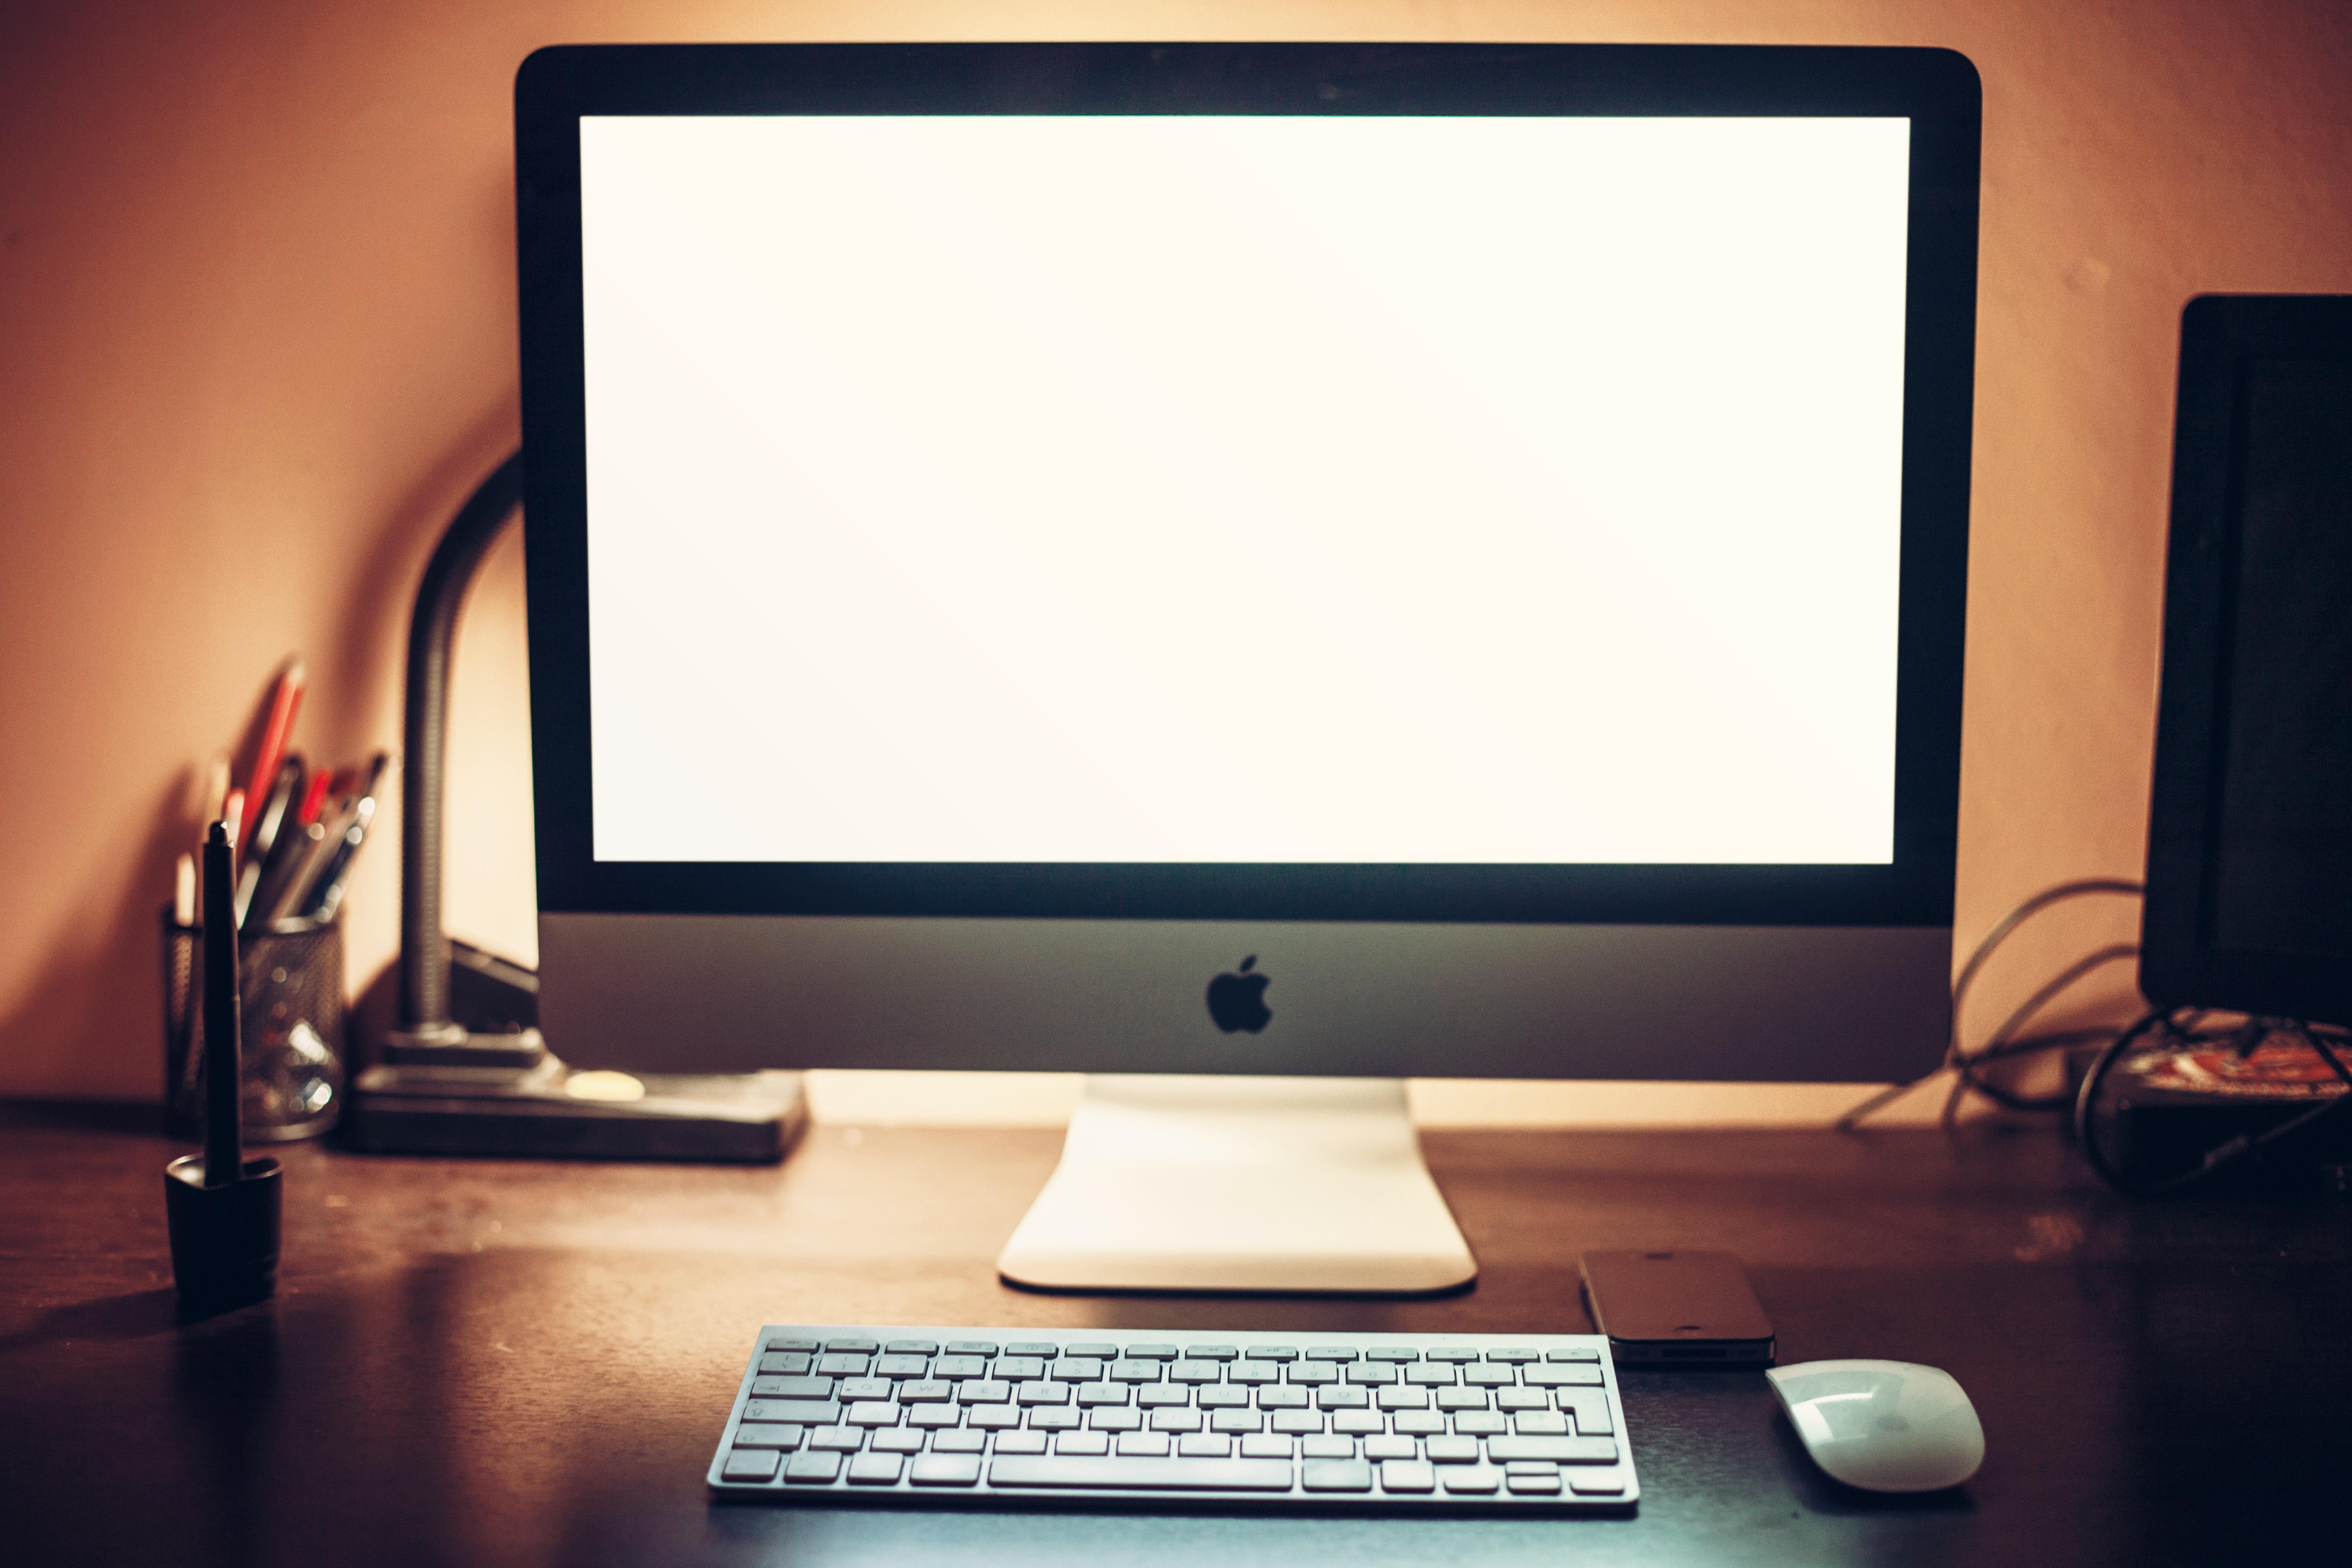 картинки для блога о компьютерах они имеют